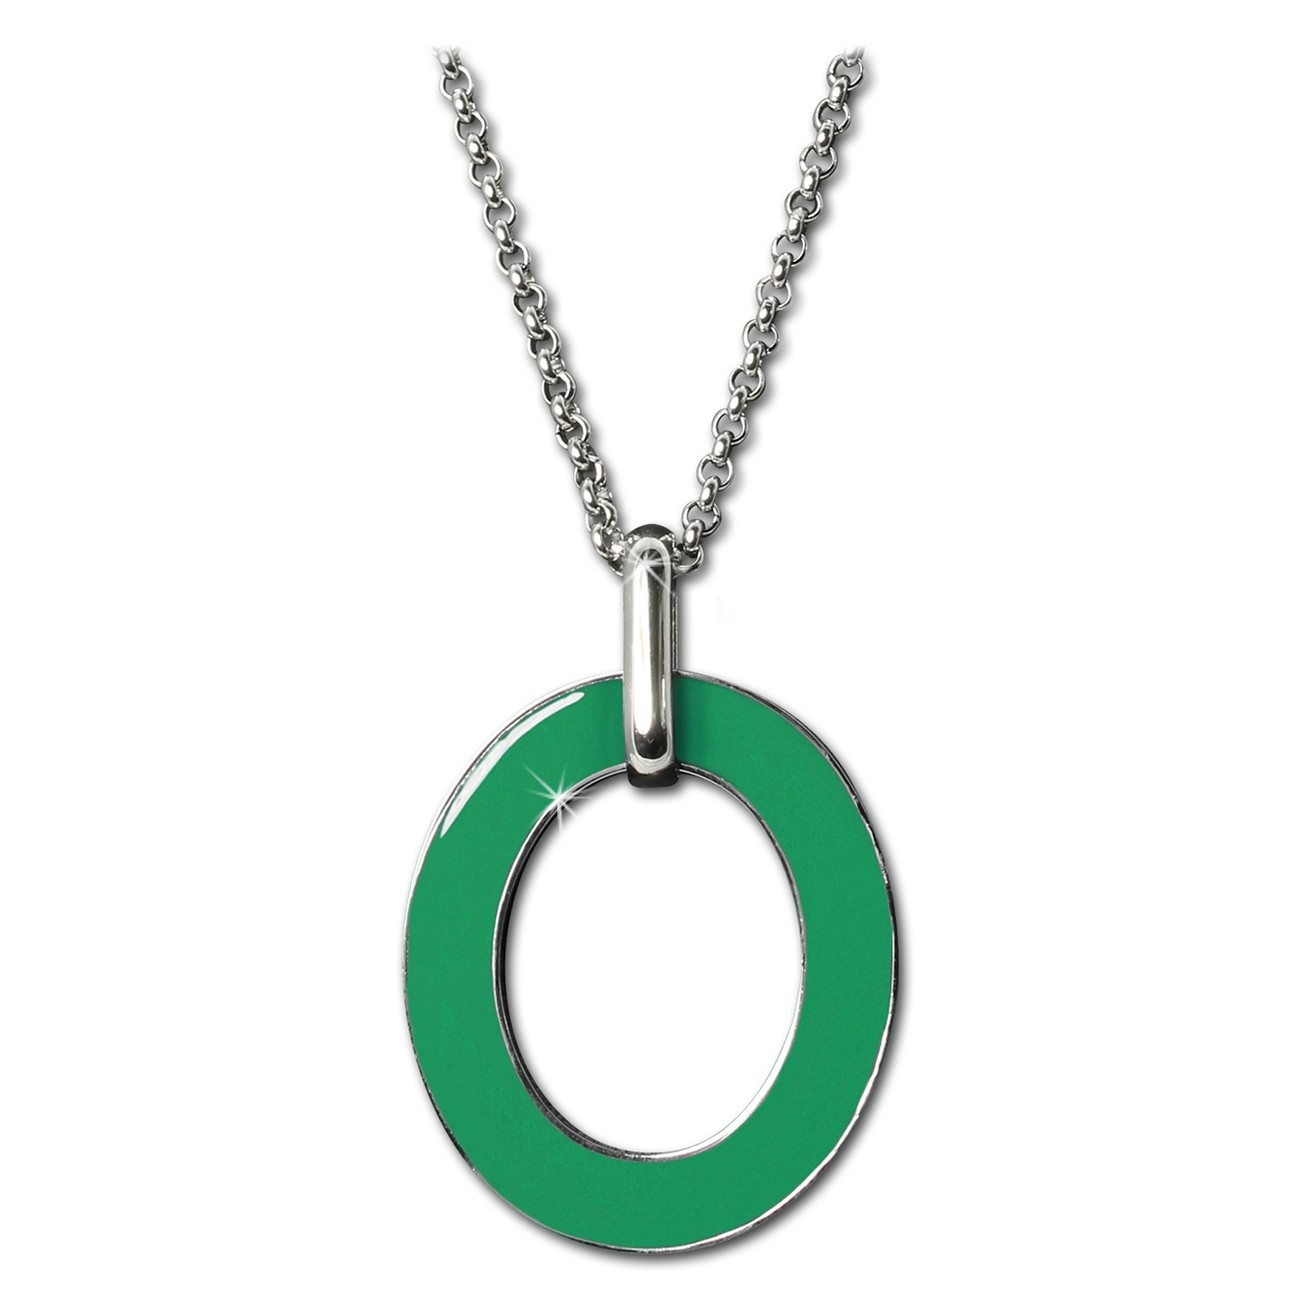 Amello Halskette Oval Emaille grün/weiß Damen Edelstahlschmuck ESKG01G